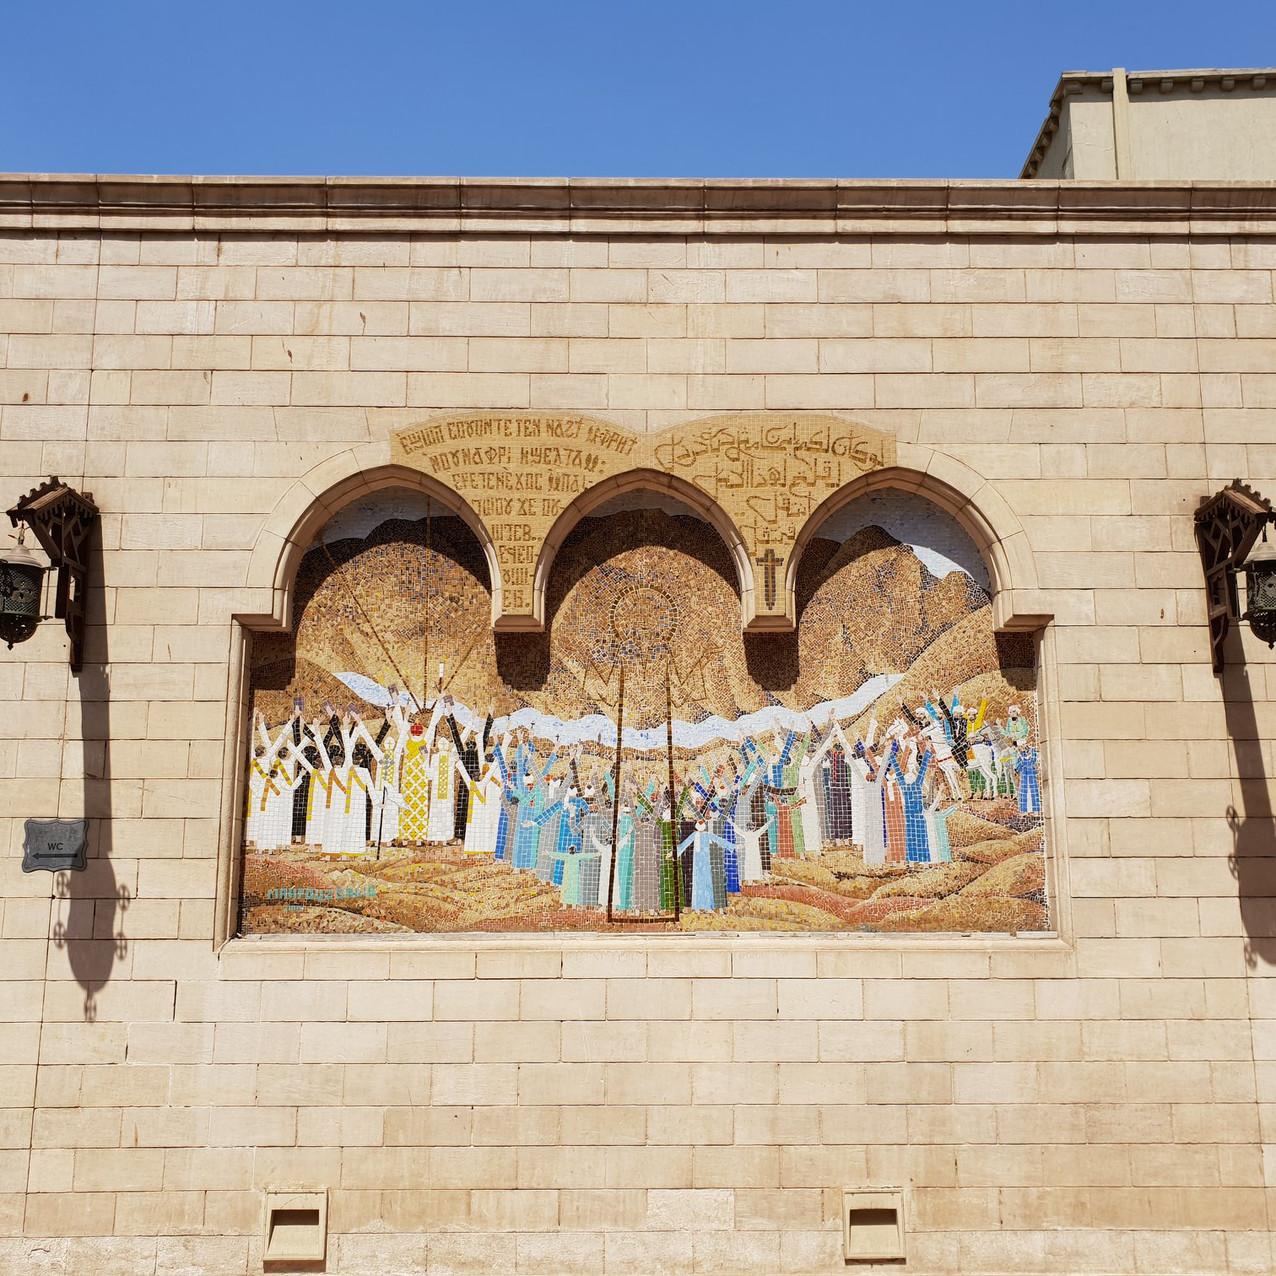 ဘုရားကျောင်းအဝင်က ပန်းချီများ